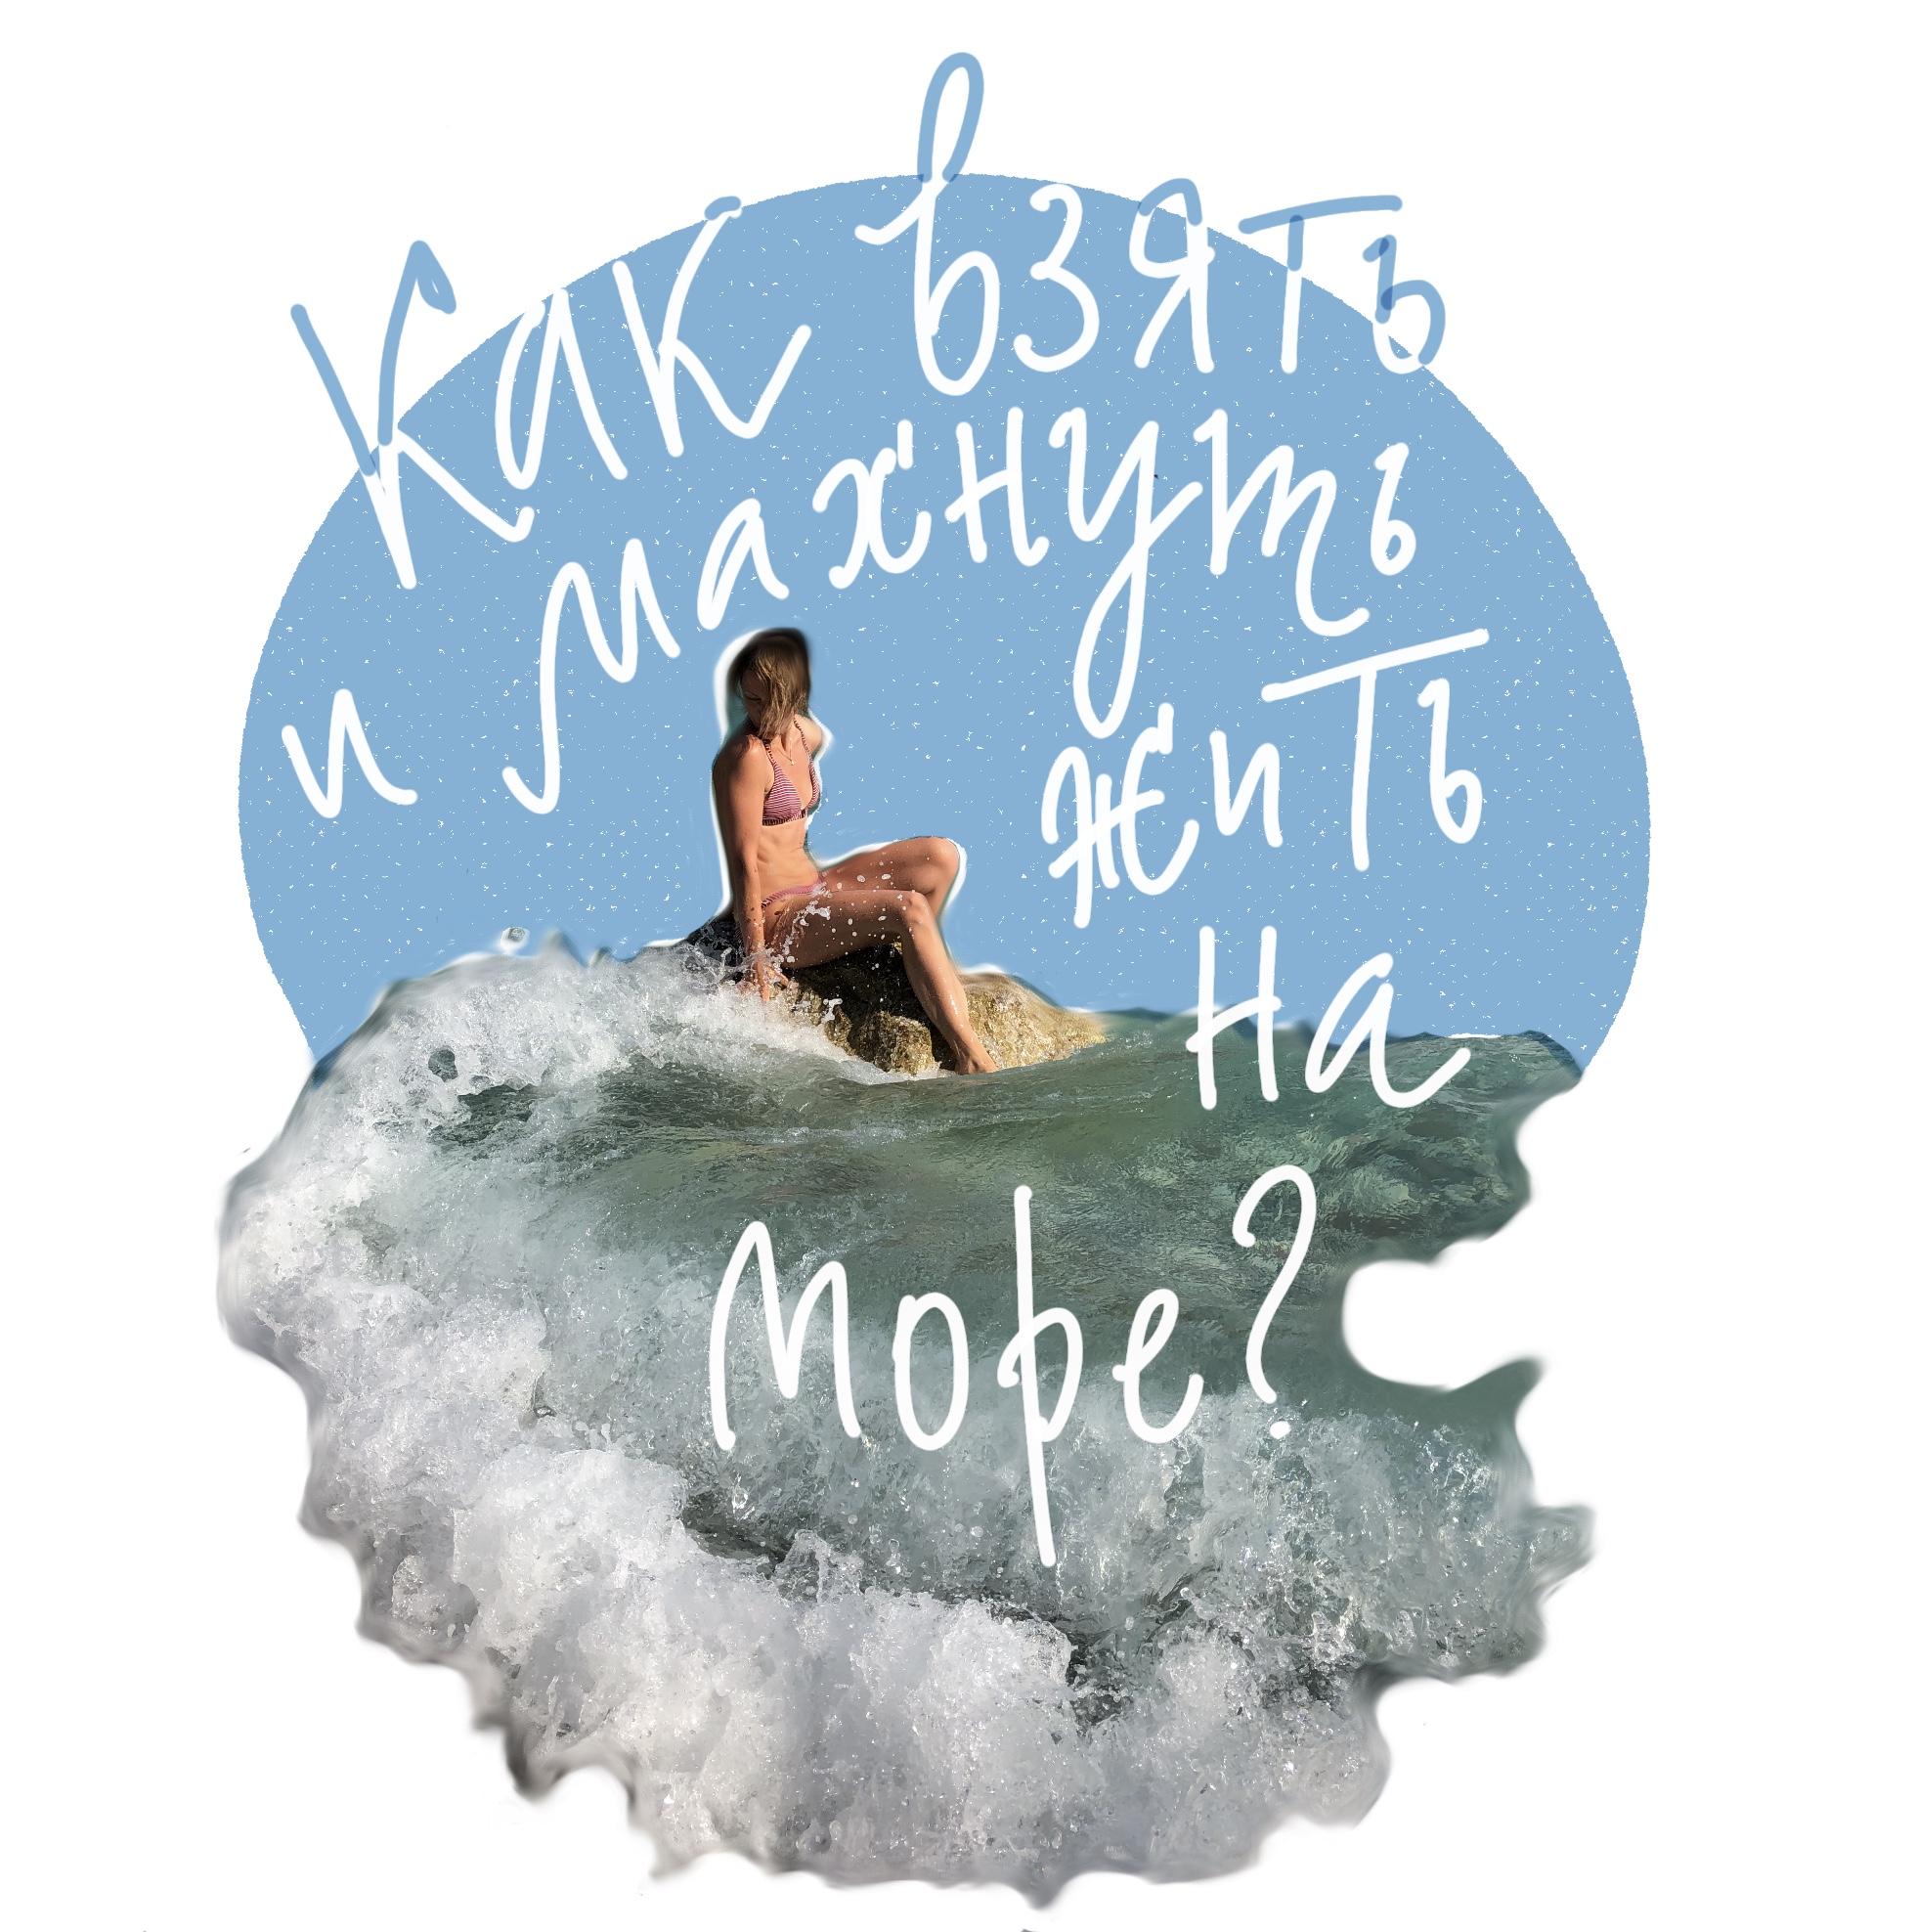 Как взять и махнуть жить на море?